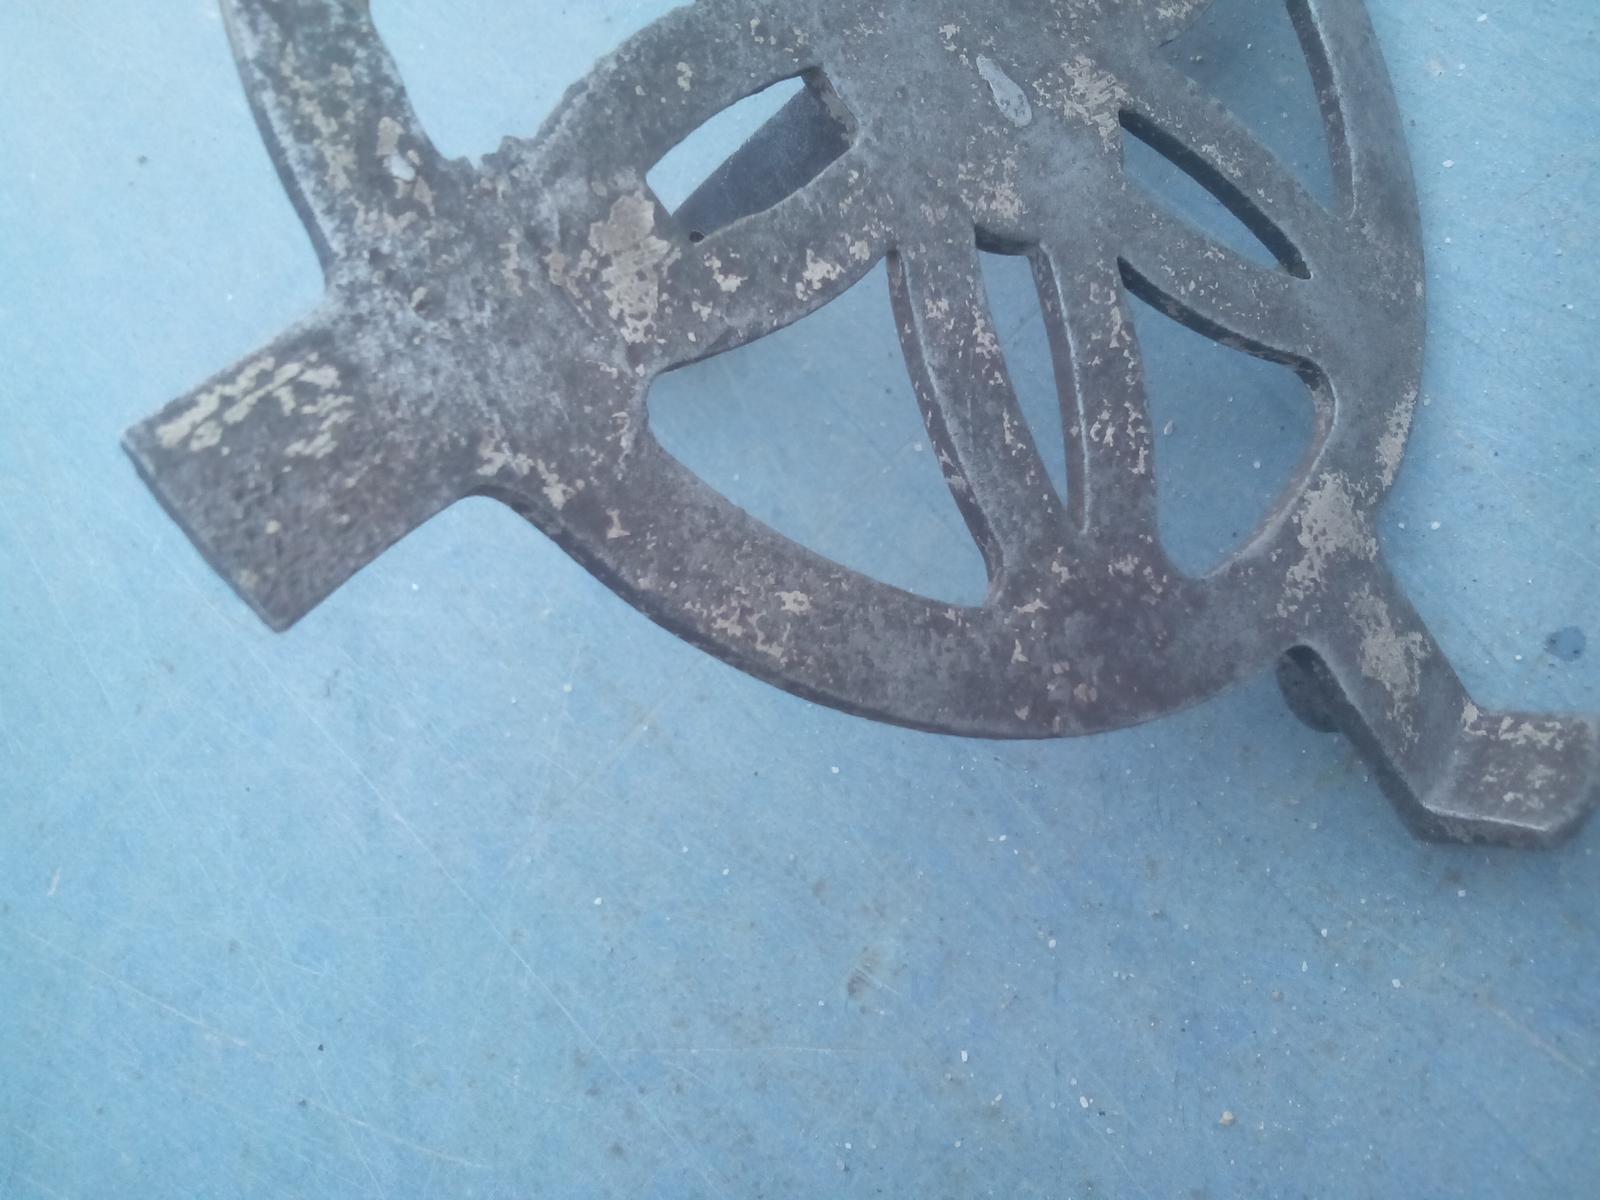 Renovácia jednej starej váhy - Na jednej misle je odlomené uško, tak budem musieť vymyslieť, ako a z čoho ho vyrobím nové.